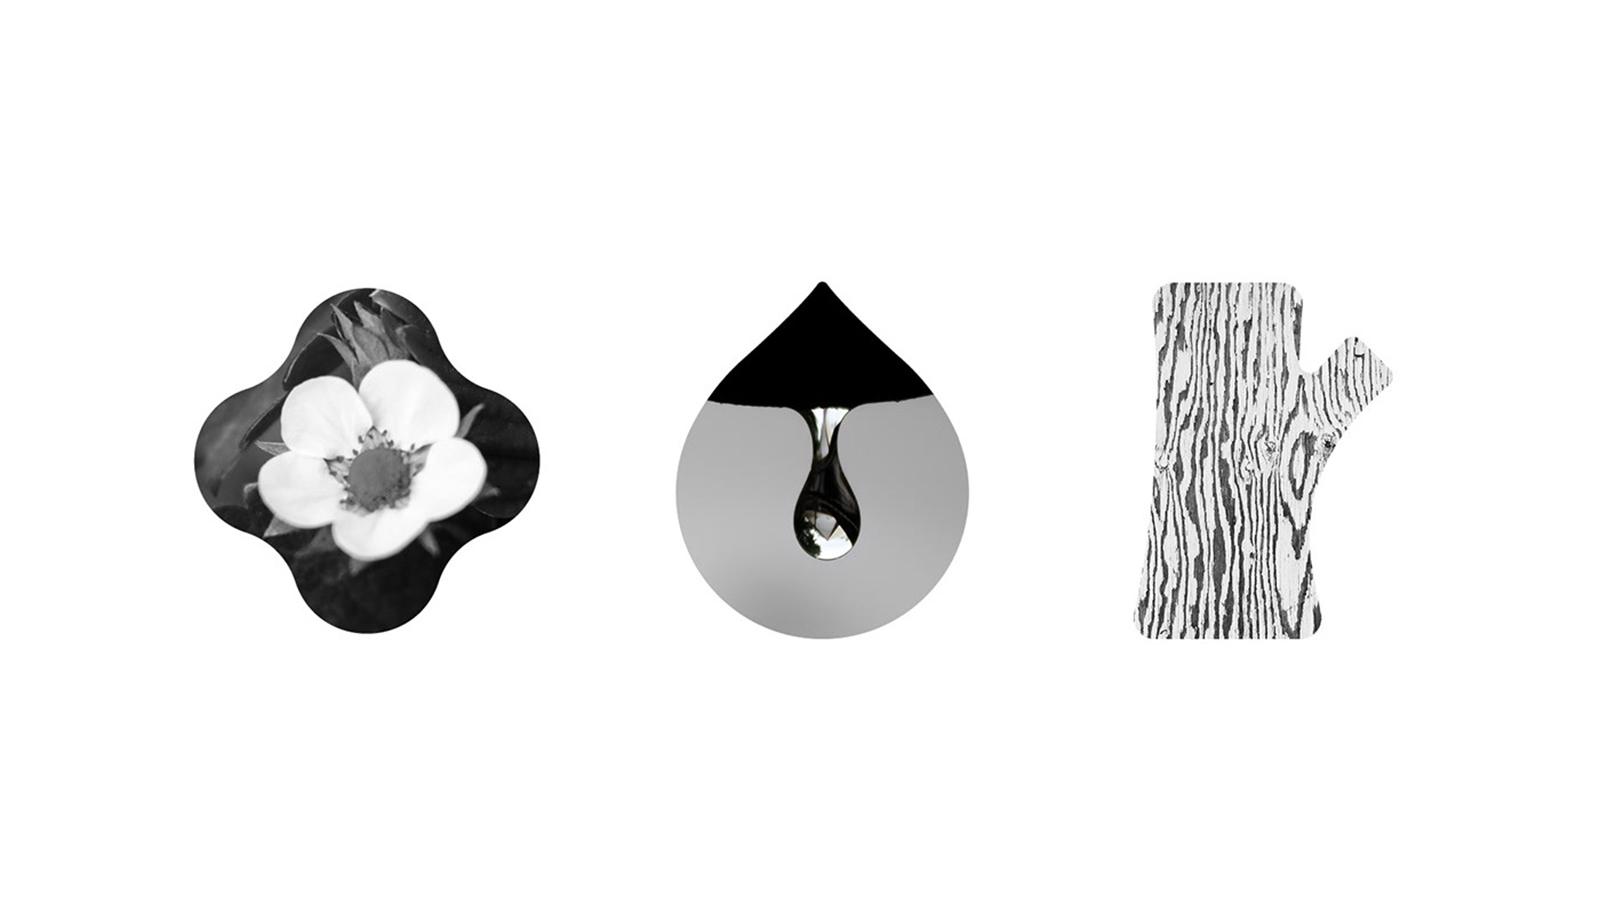 花水木居家清洁用品品牌形象设计欣赏-深圳VI设计